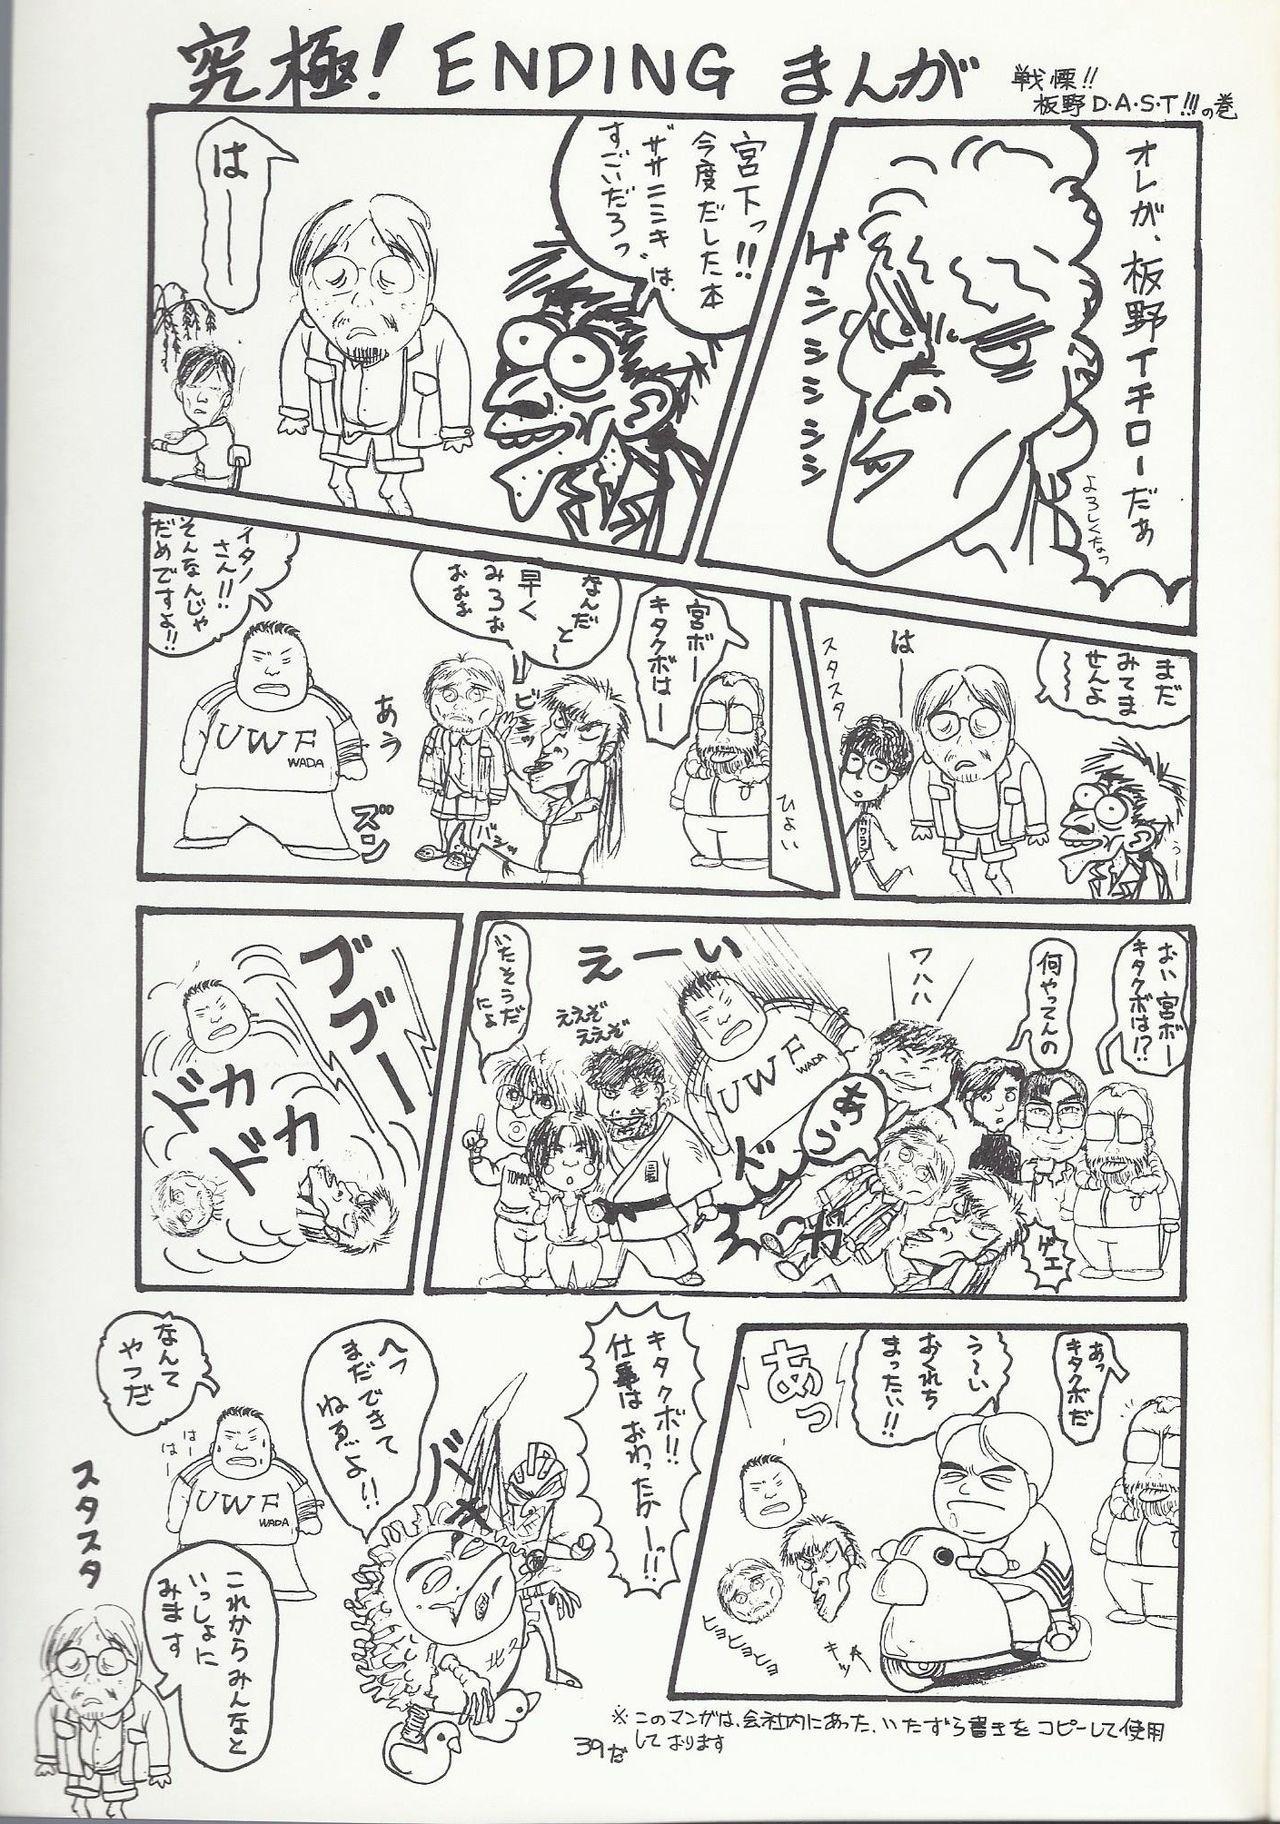 Studio DAST - SASA-NISHIKI SUPER-BLEND. 001. 38